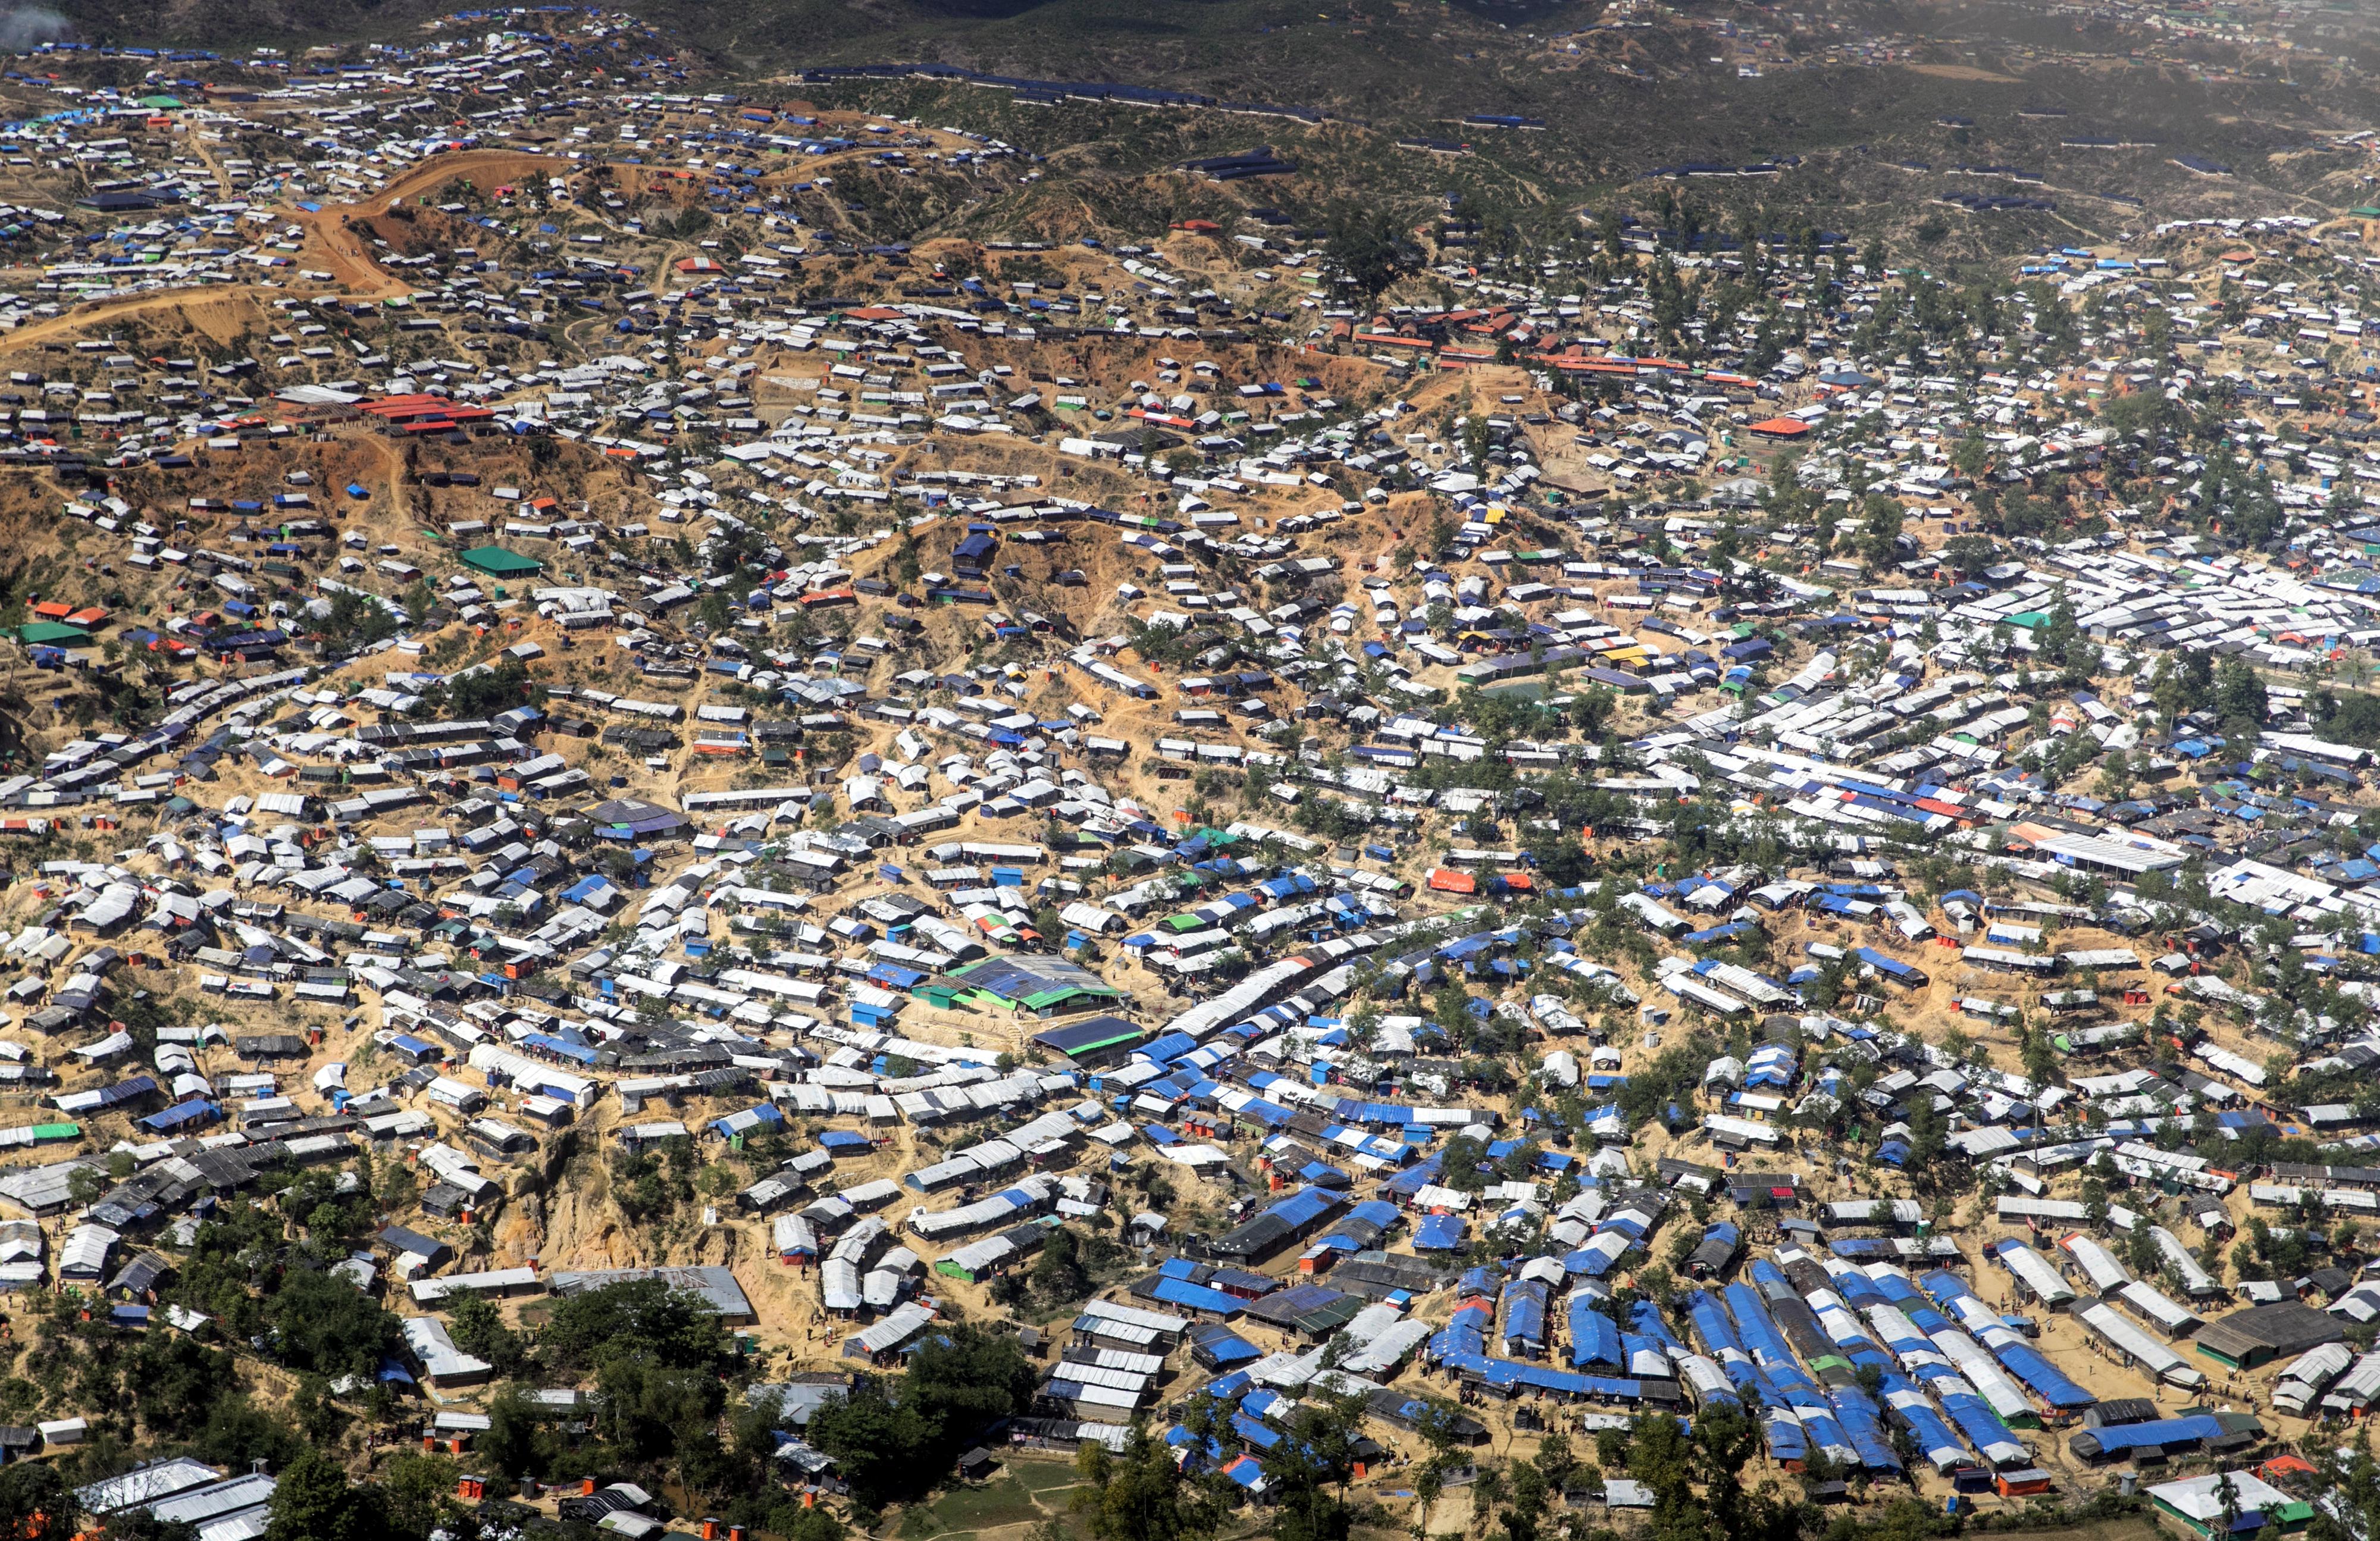 Luftaufnahme des Flüchtlingslagers Kutupalong in Bangladesch, in dem Rohingya leben, die aus Myanmar vertrieben wurden.